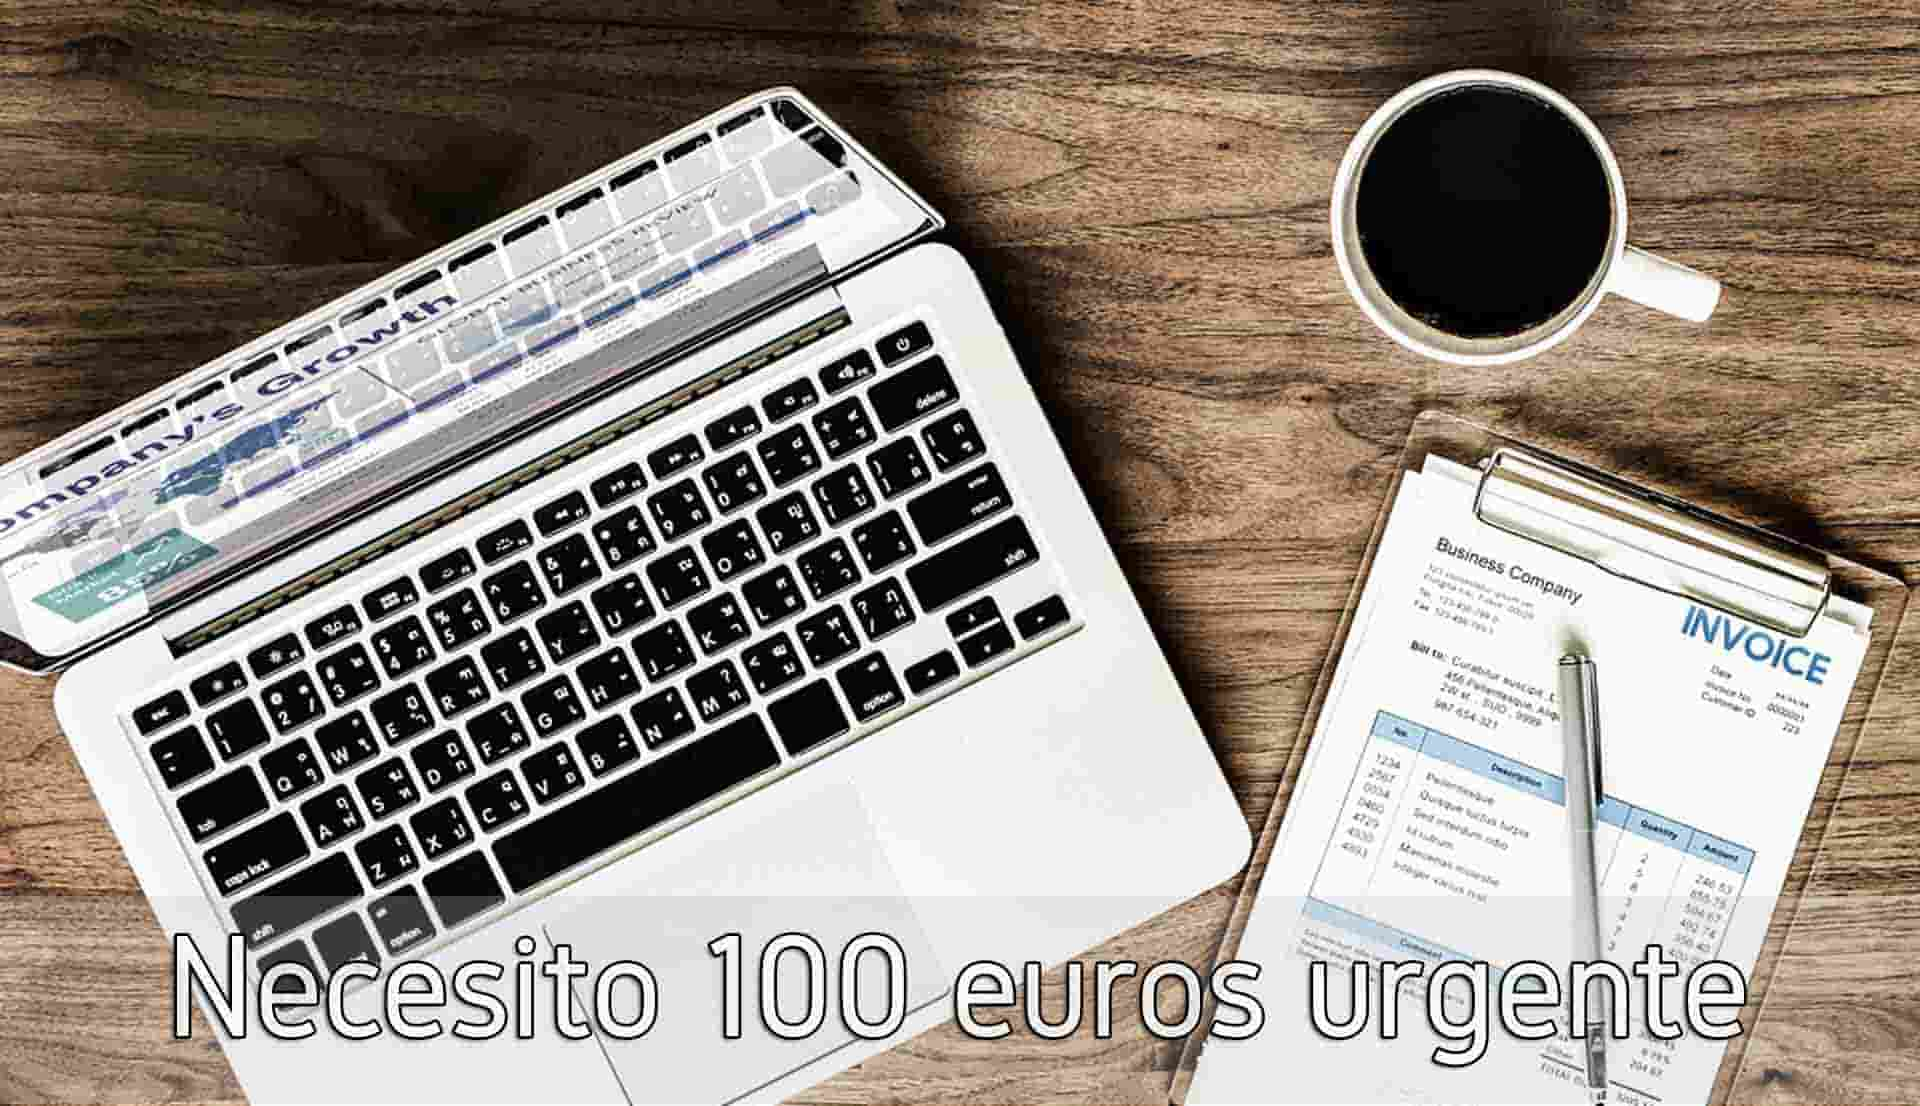 Necesito 100 euros urgente